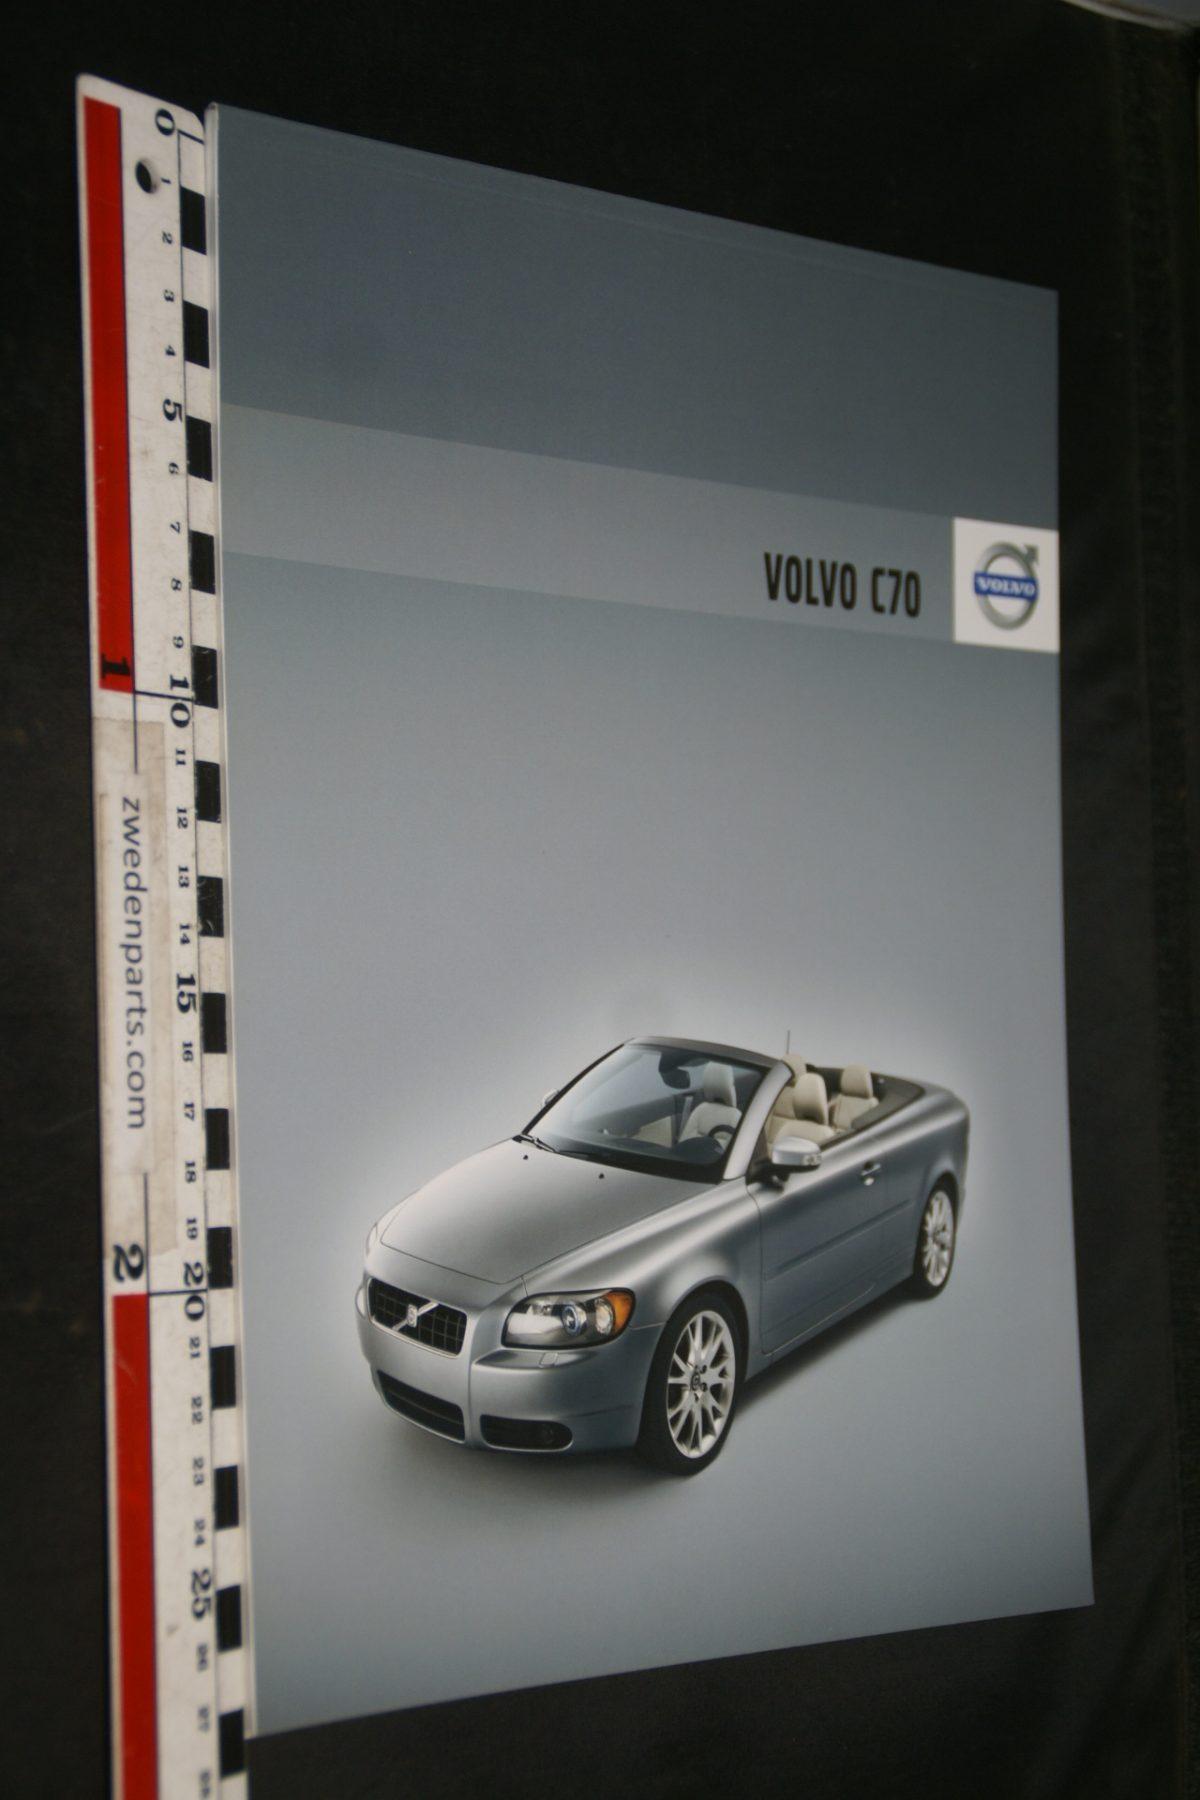 DSC06316 2007 brochure Volvo C70 nr SP-C70-00001-07-08. 05-2007-V1